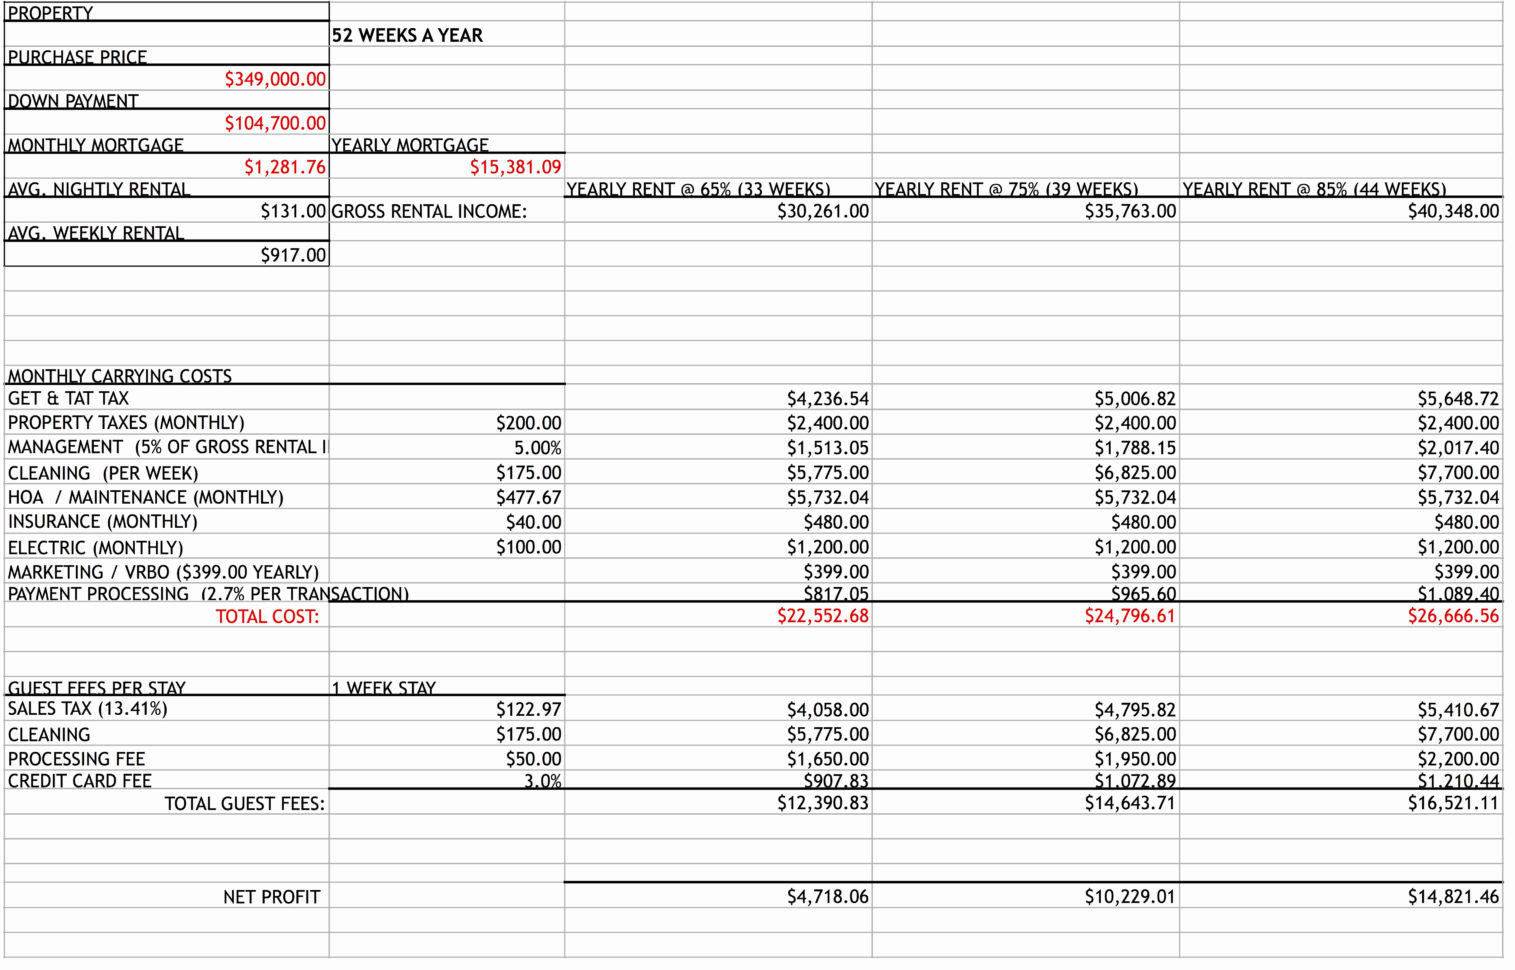 50 30 20 Budget Spreadsheet Template In 50 30 20 Budget Spreadsheet Lovely 50 30 20 Bud Spreadsheet